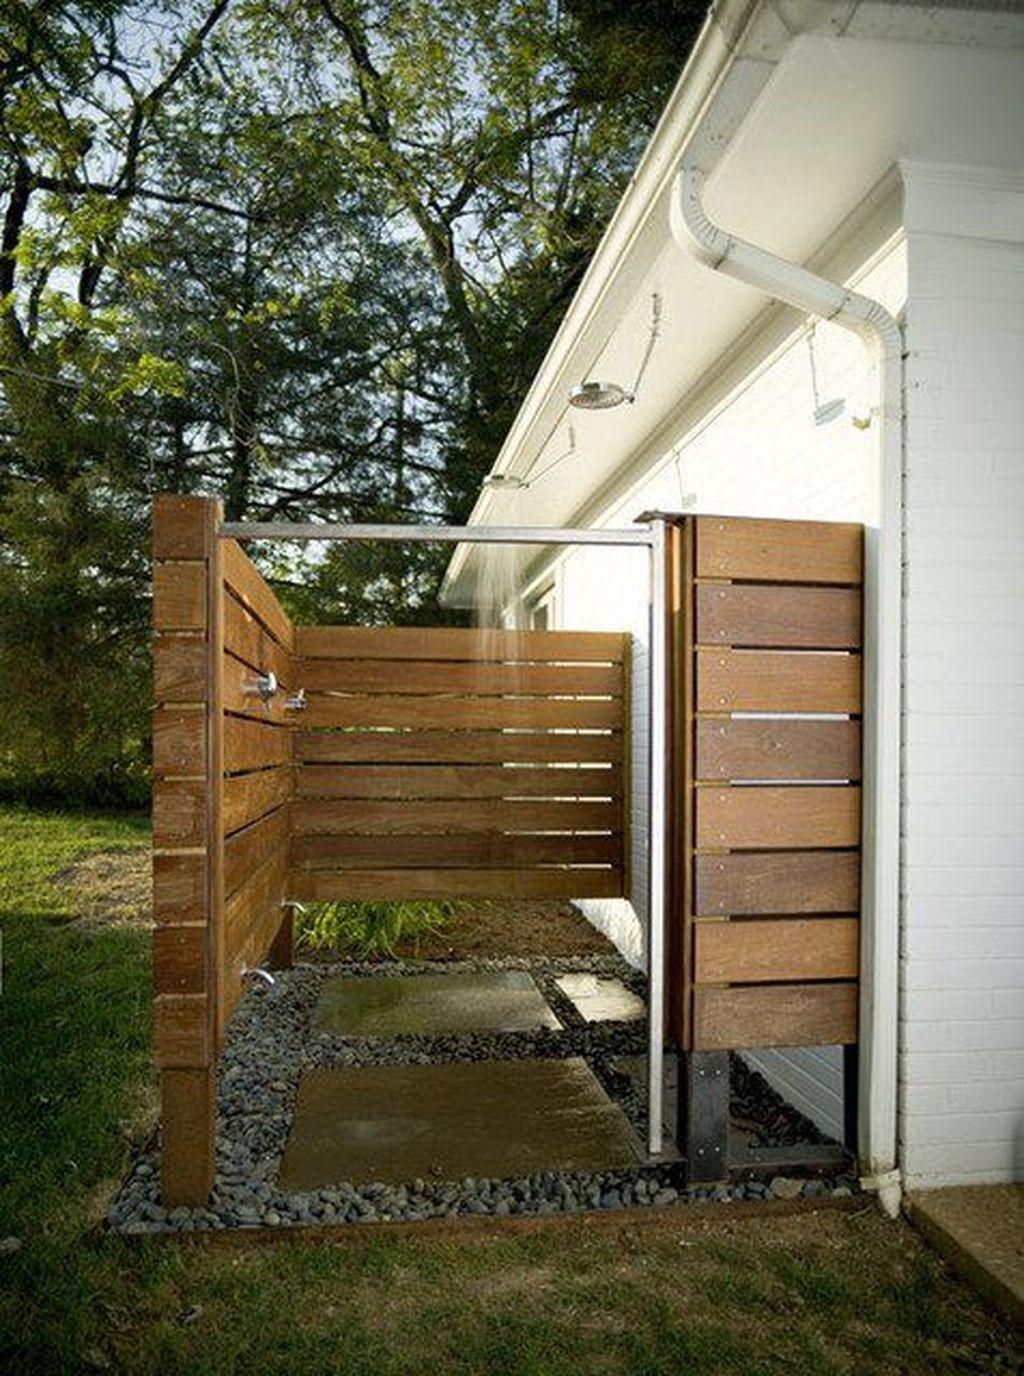 astonishing outdoor bathroom designs   46 Amazing Outdoor Bathroom Design Ideas - HOMISHOME